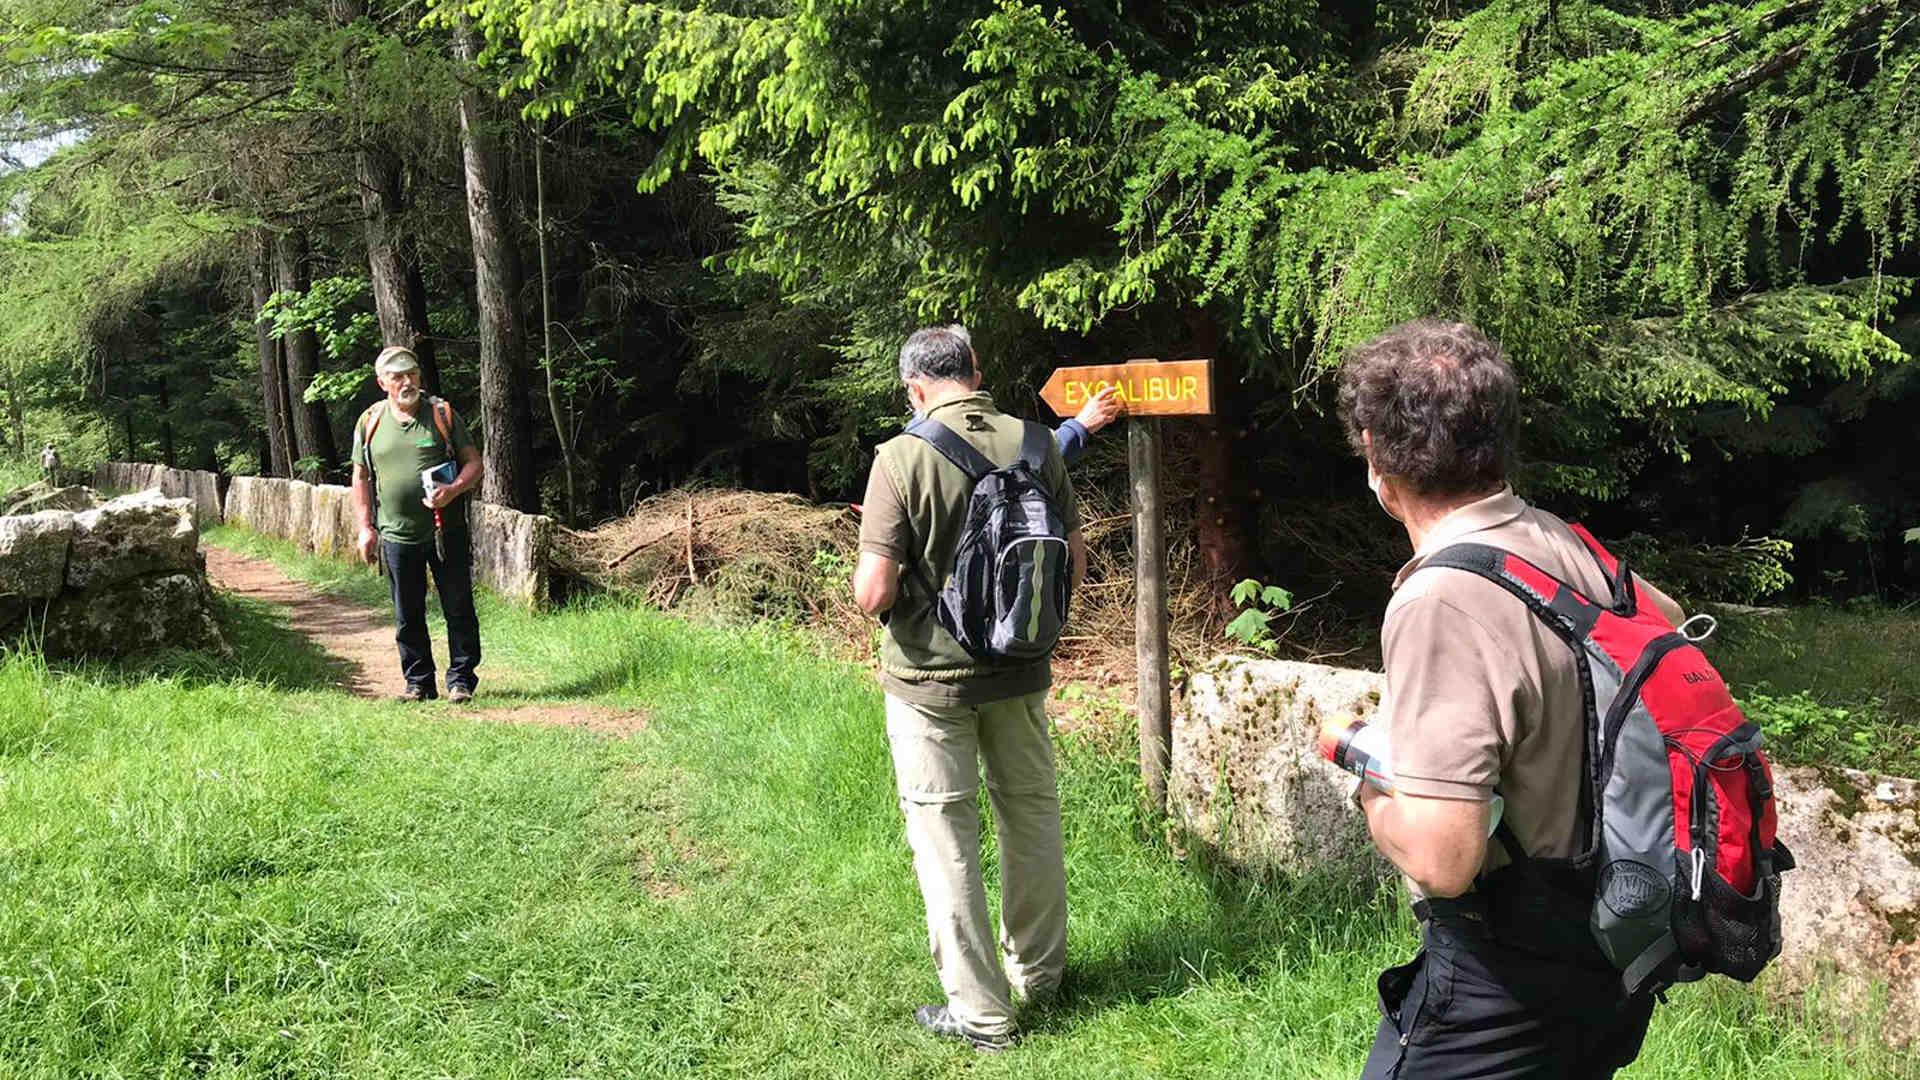 Volontari sul sentiero Excalibur di Tonezza